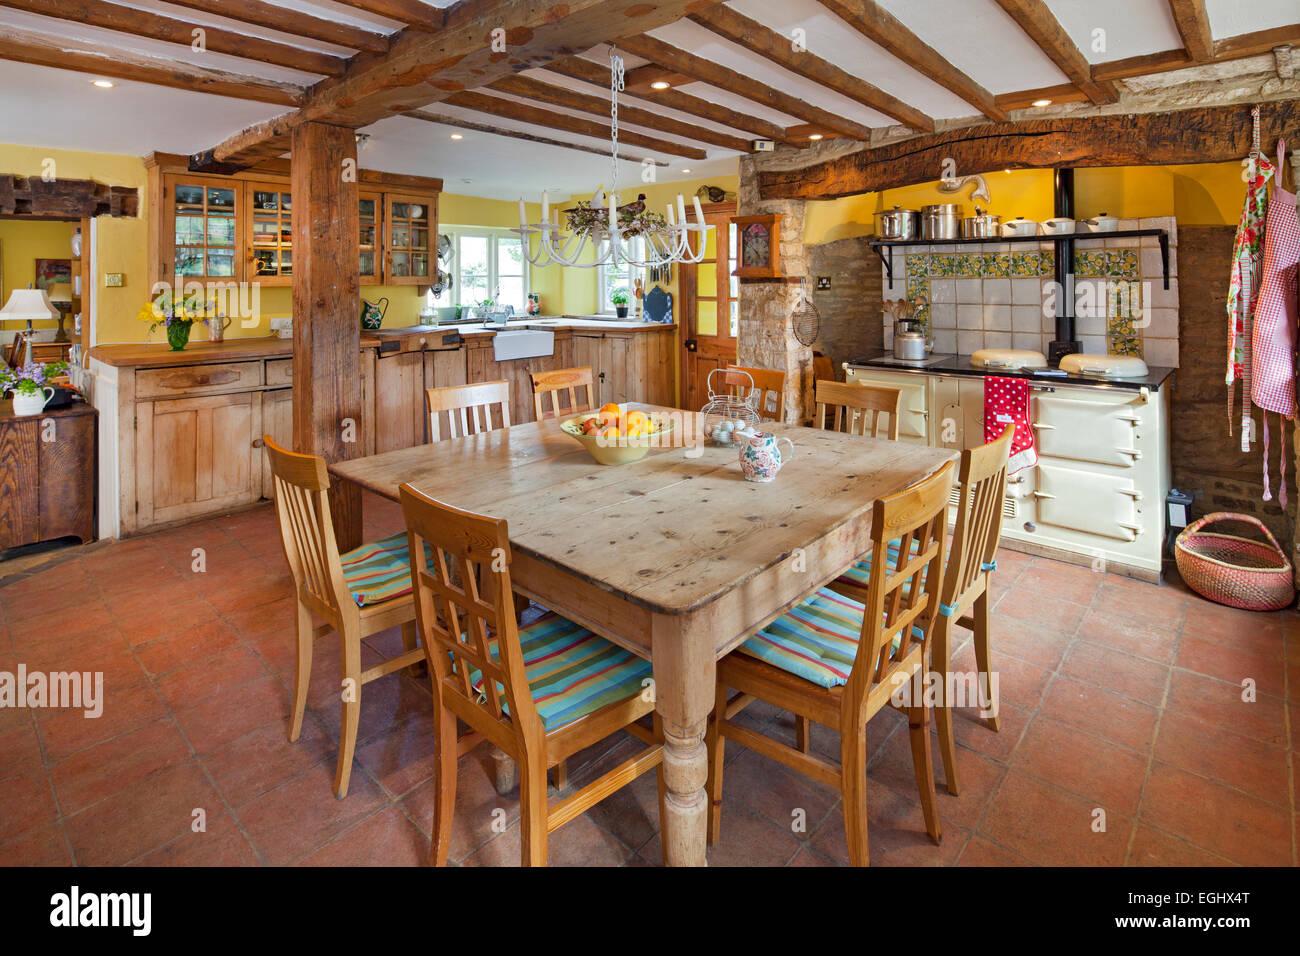 Traditionelle Landhausküche mit Kiefer Esstisch und Aga im englischen Landhaus Stockbild